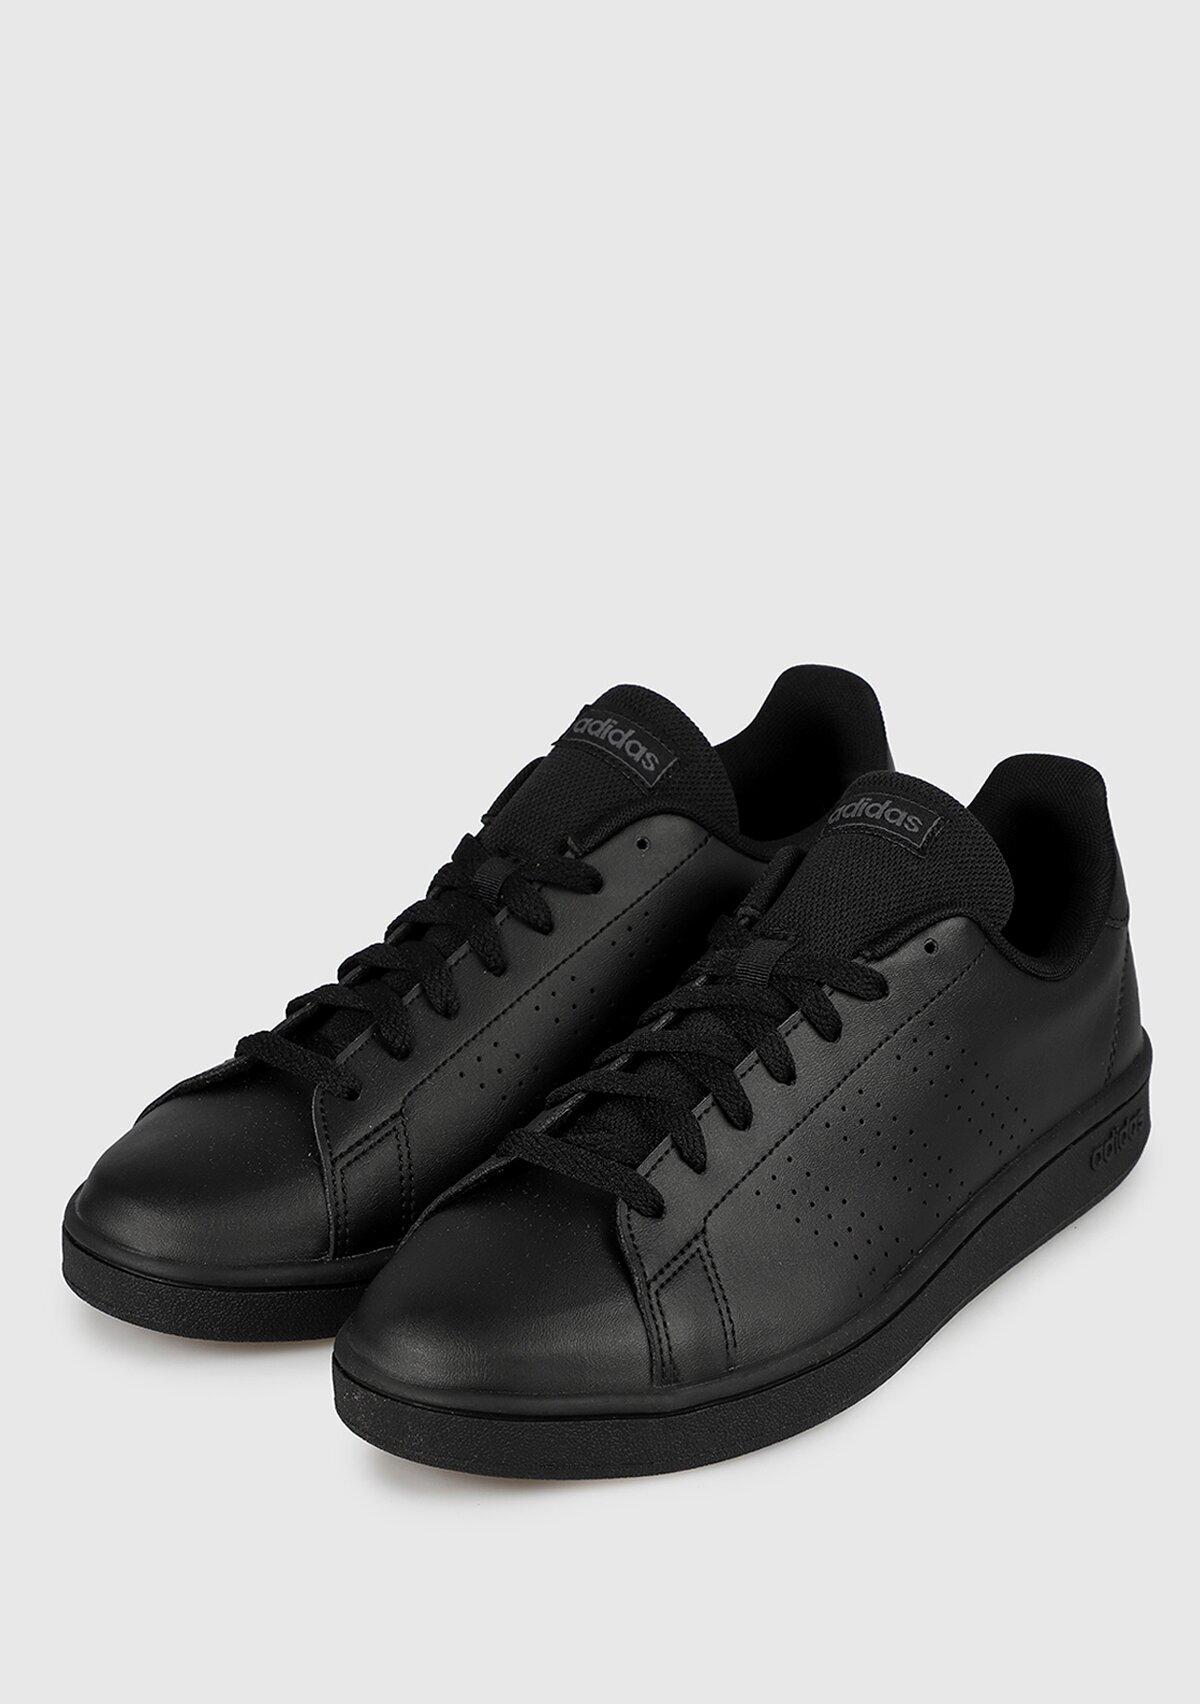 resm Advantage Base Siyah Erkek Sneaker Ee7693